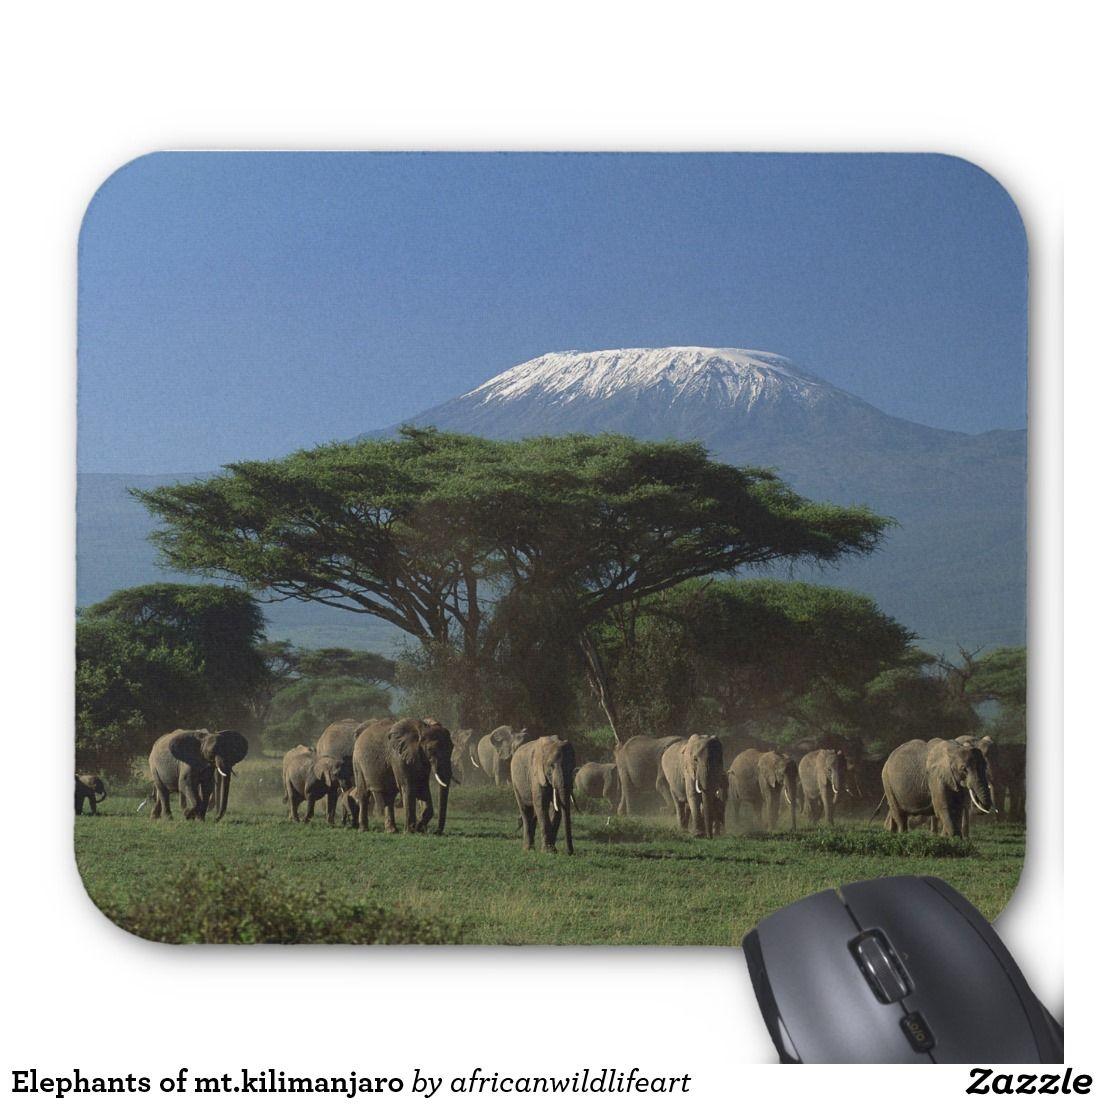 Elephants of mt.kilimanjaro